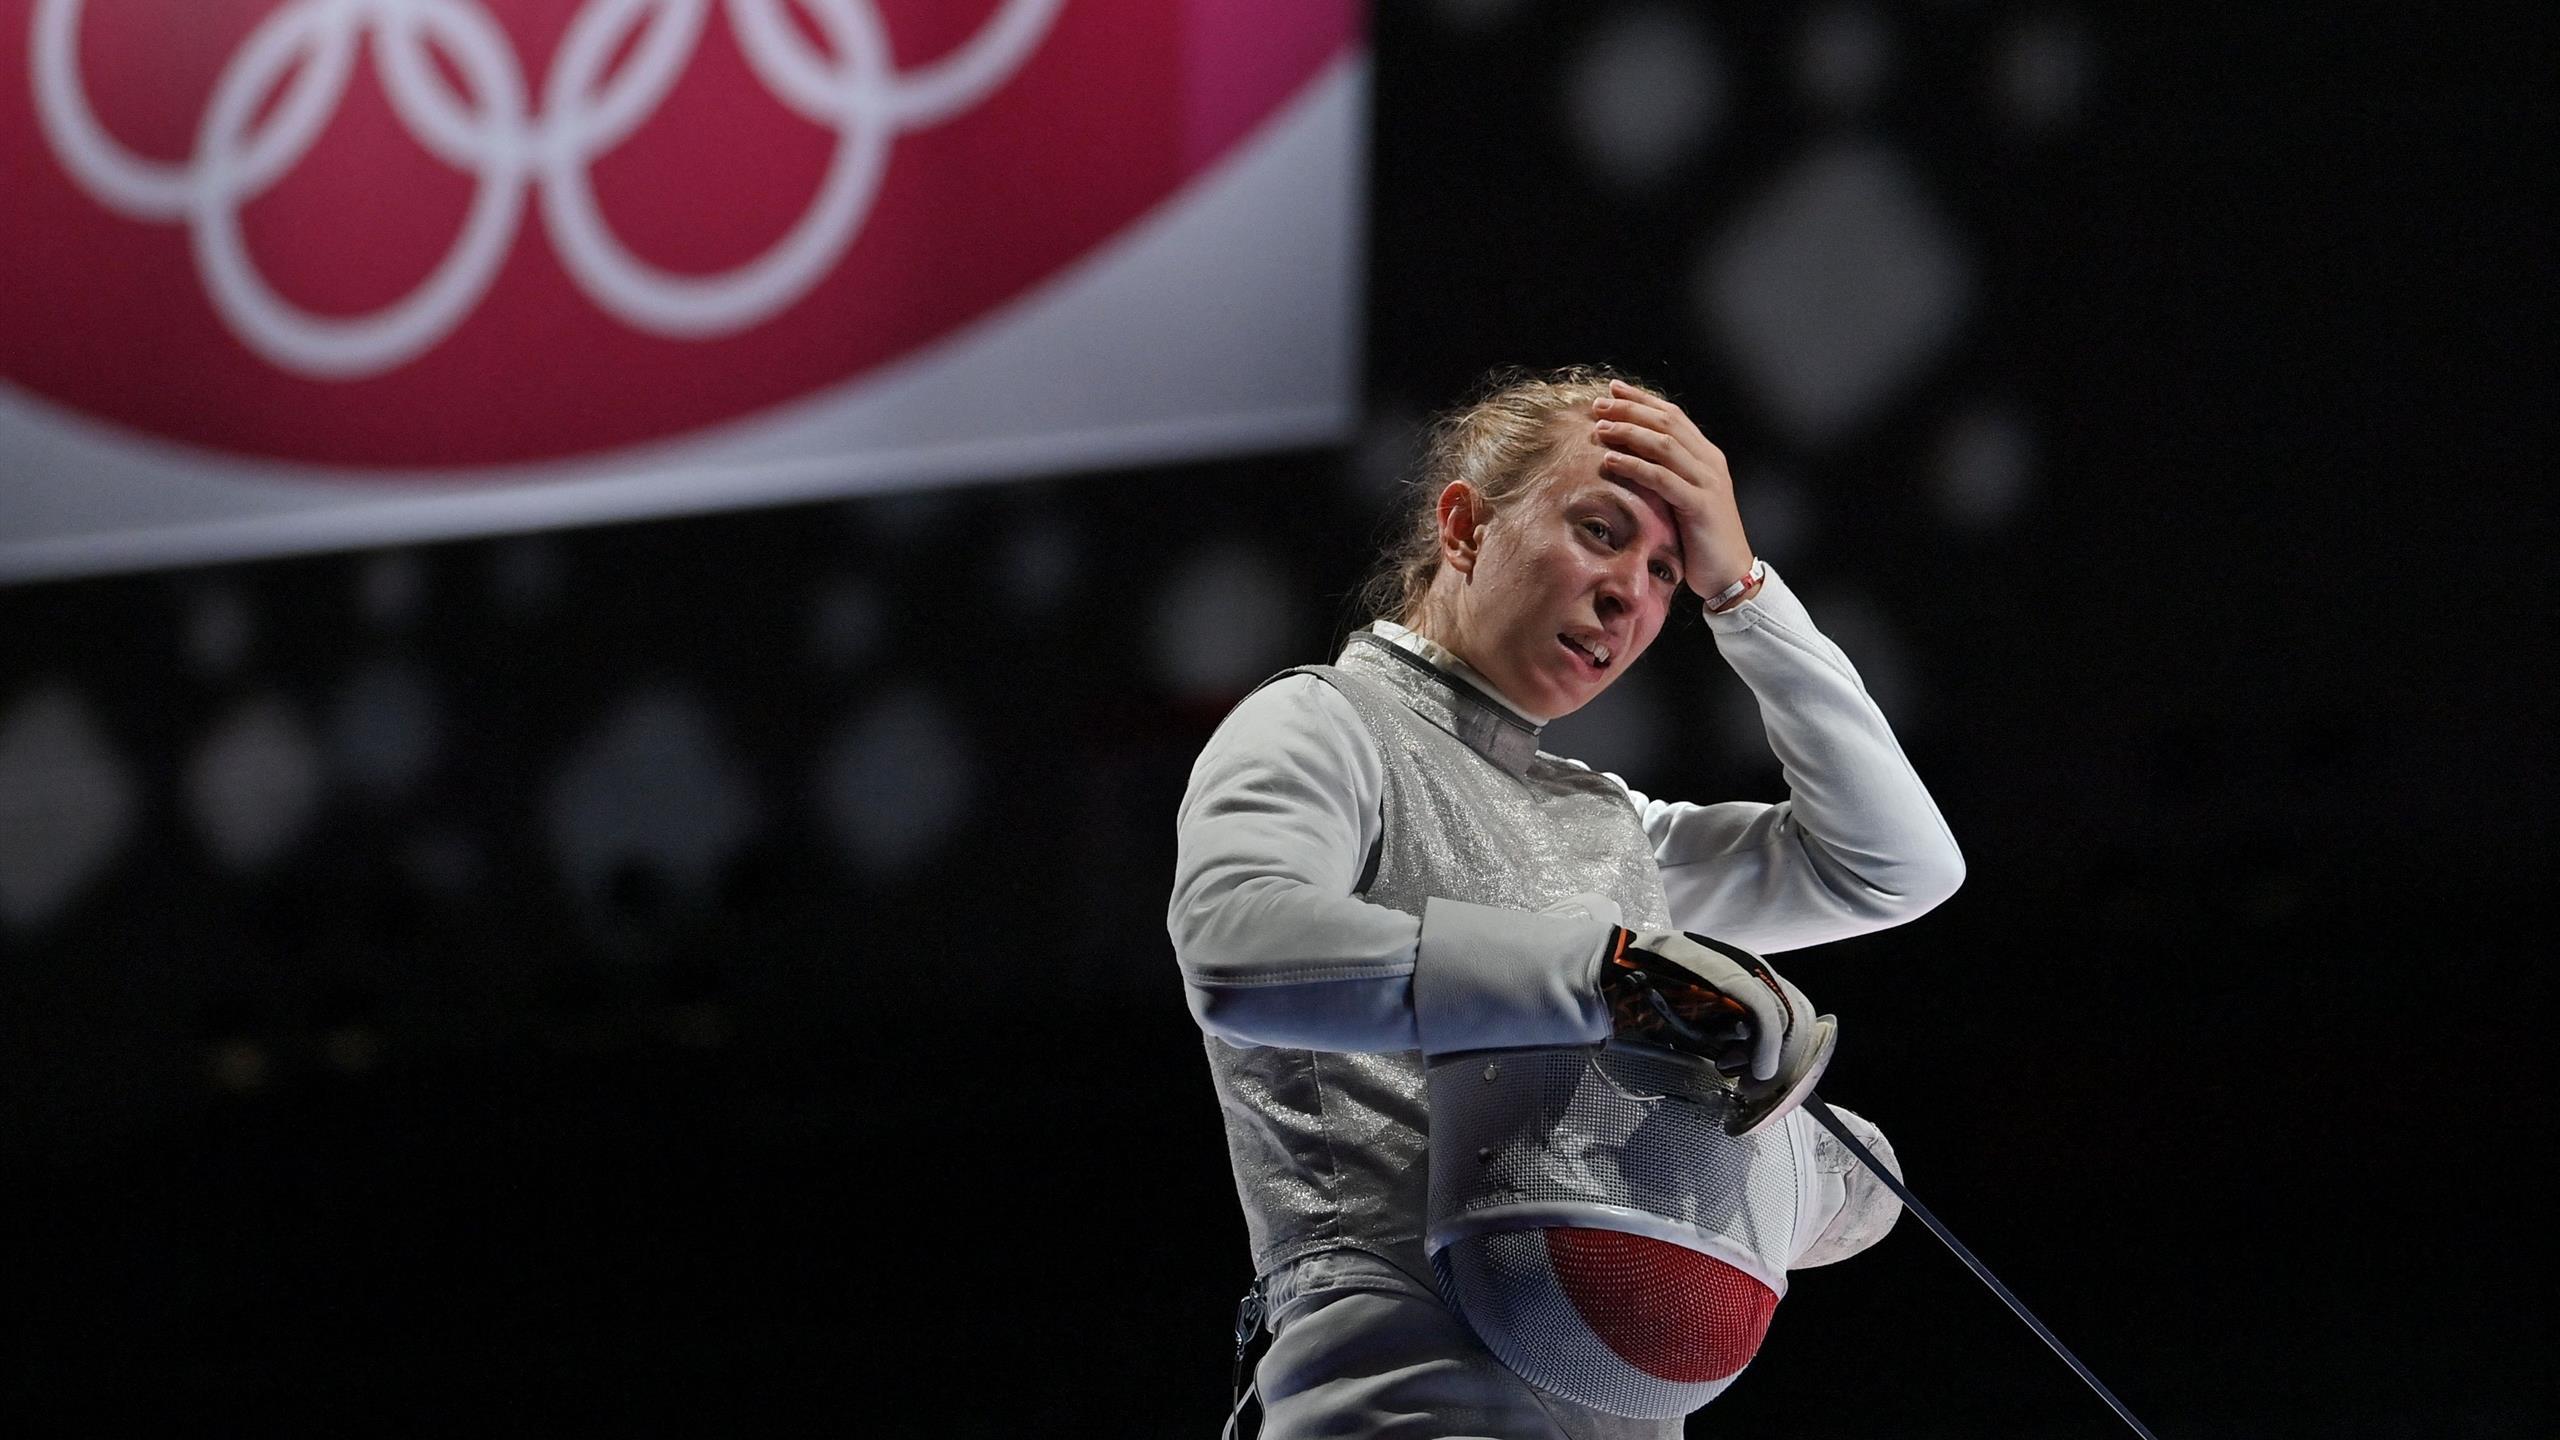 Battue en finale, la France en argent sur le fleuret par équipes femmes